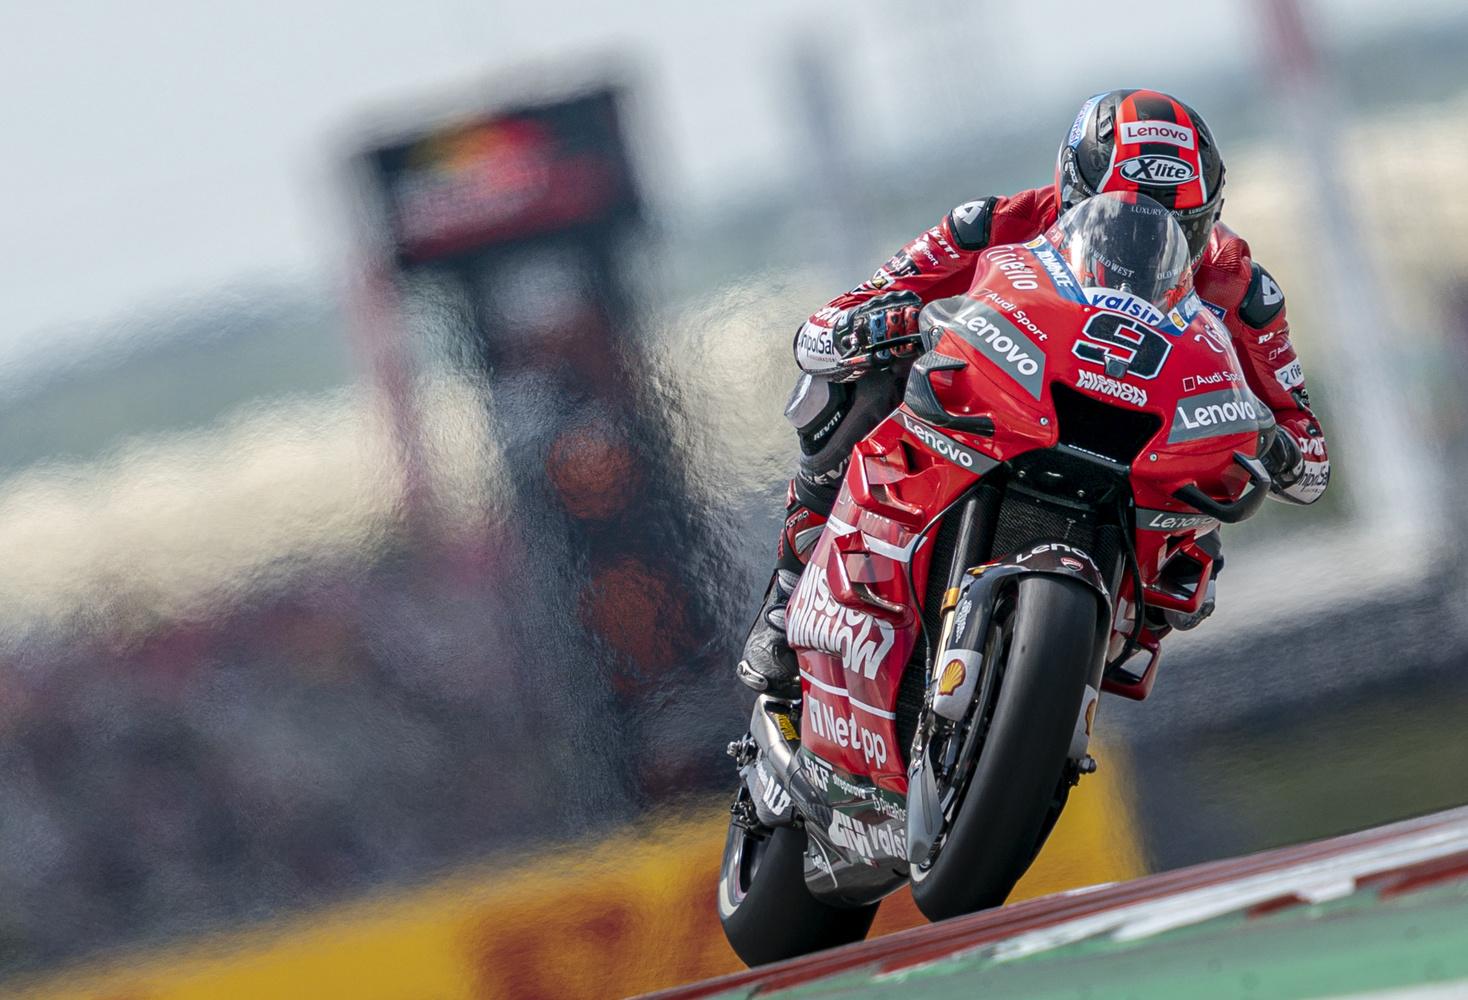 Danilo Petrucci Factory Ducati MotoGP by Zachary Bolena